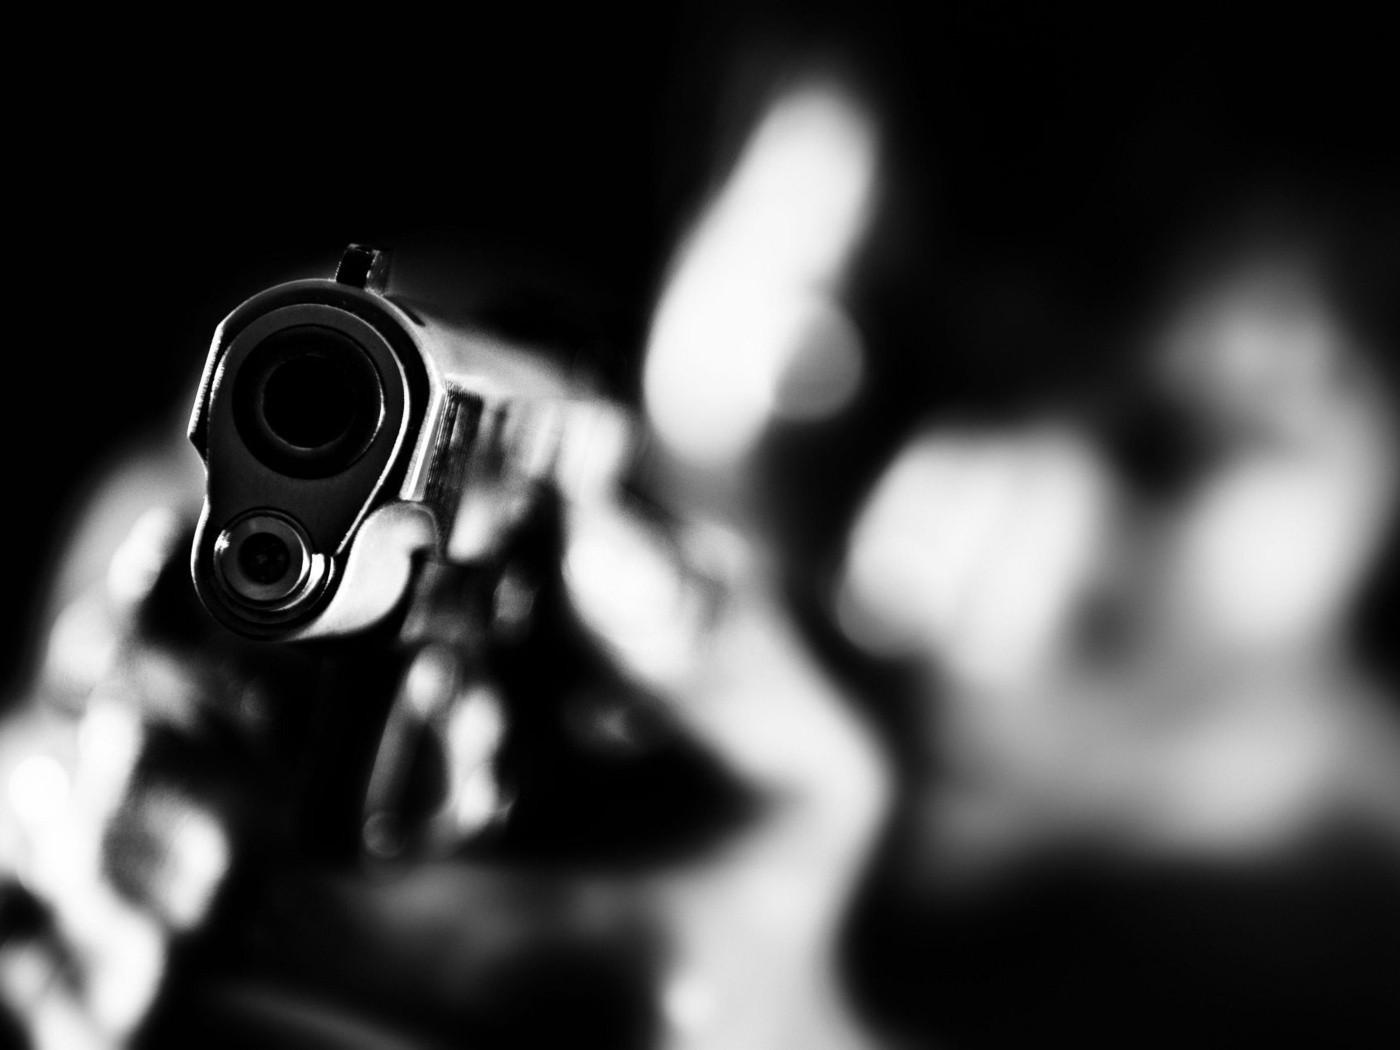 ВЧерногории вовремя тренировки расстреляли вратаря футбольного клуба «Бокель»